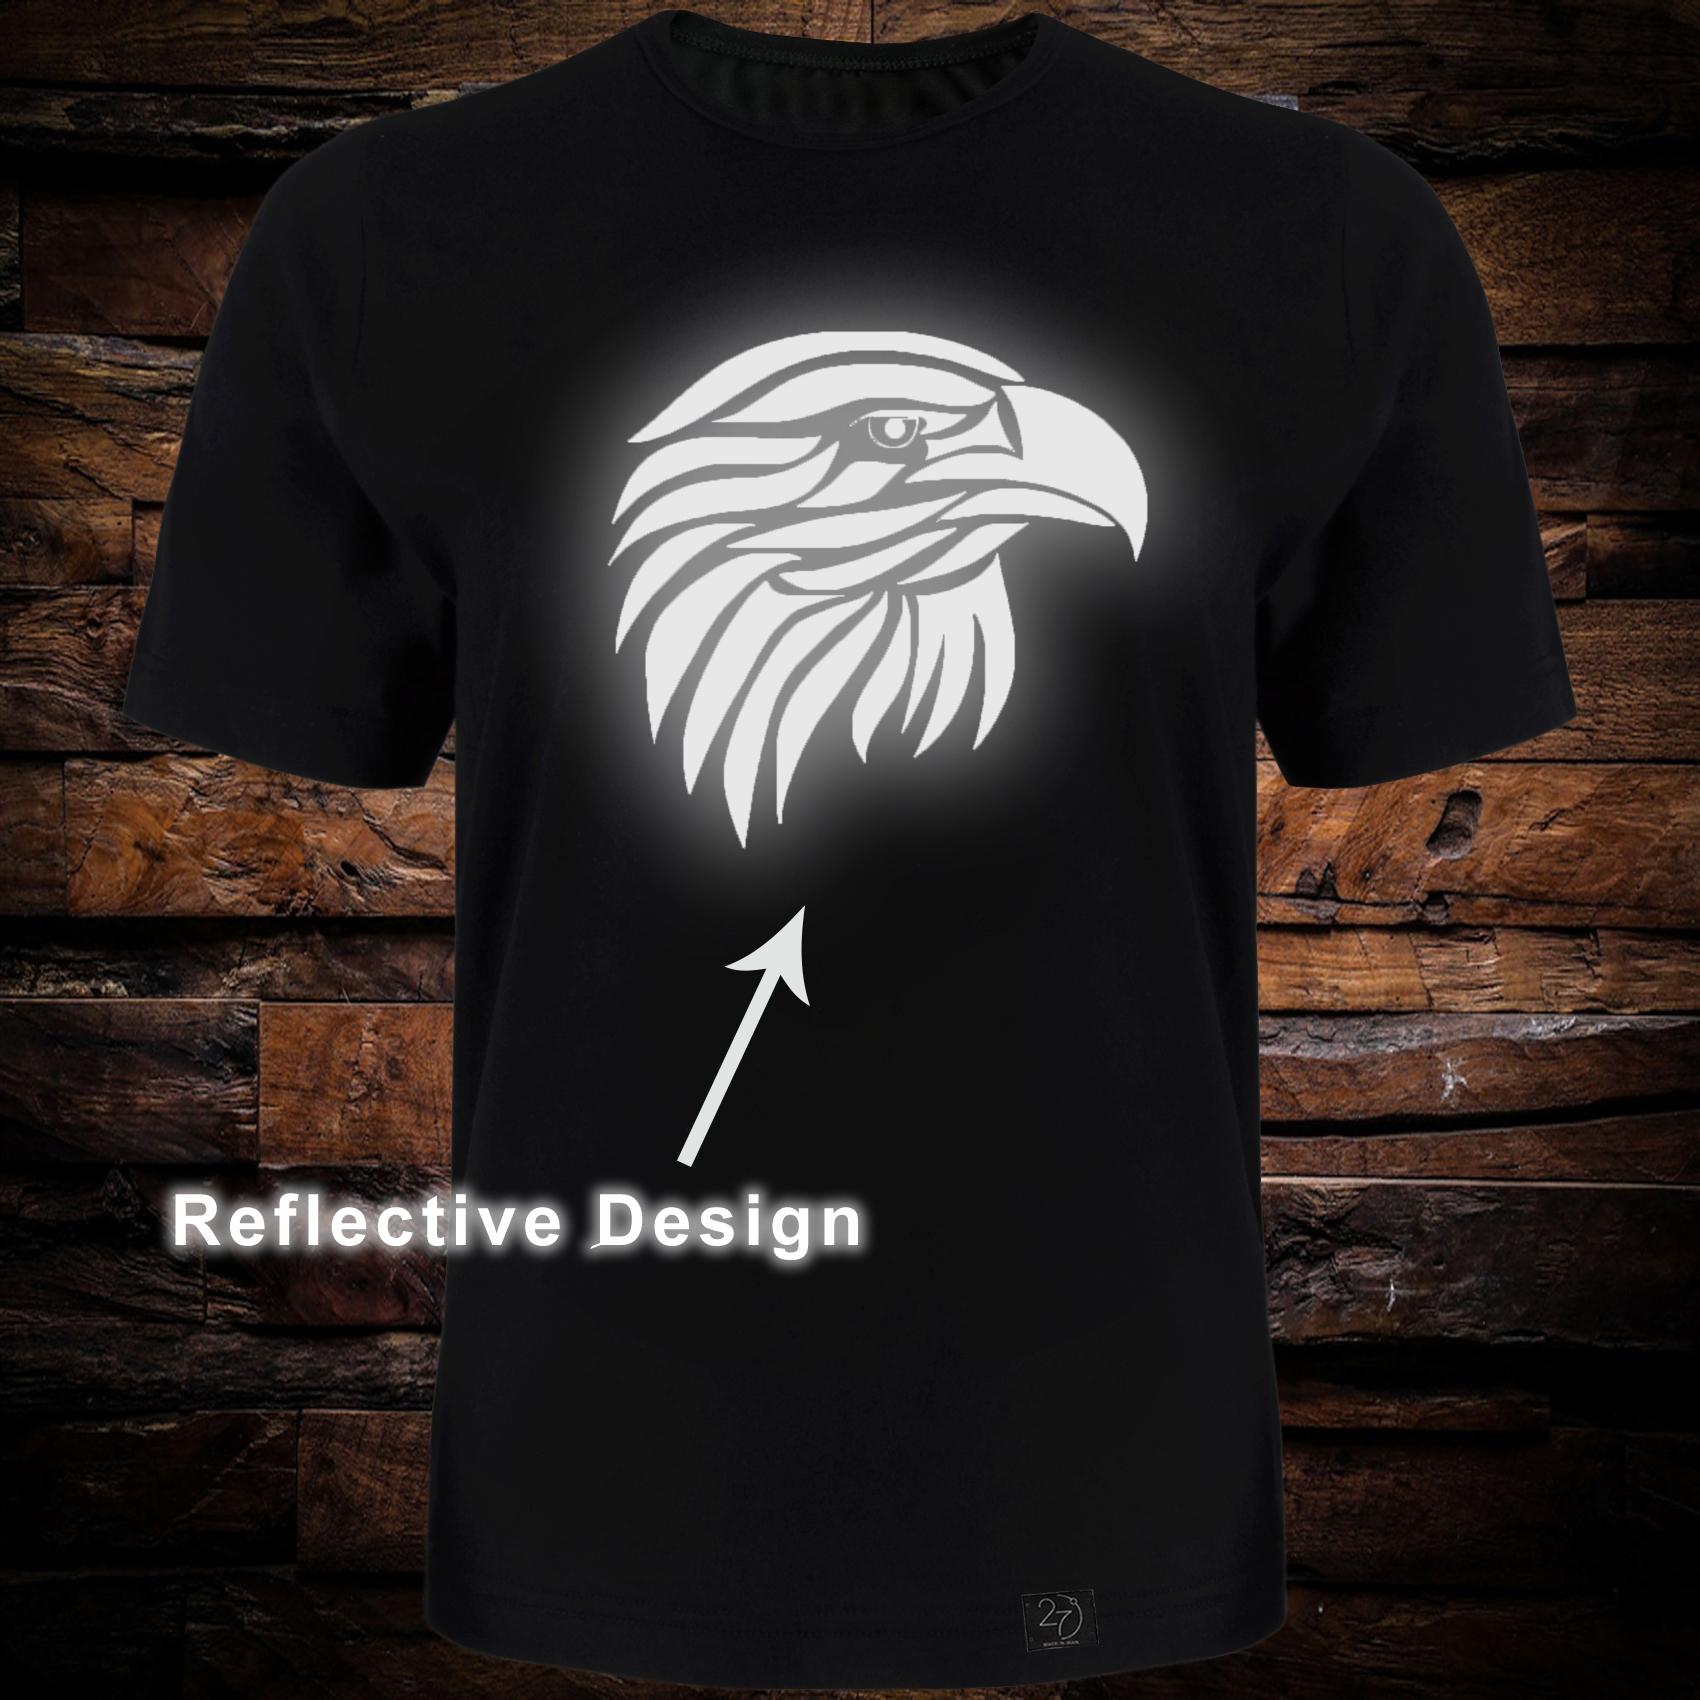 تی شرت آستین کوتاه مردانه 27 طرح عقاب کد TR05 رنگ مشکی -  - 1